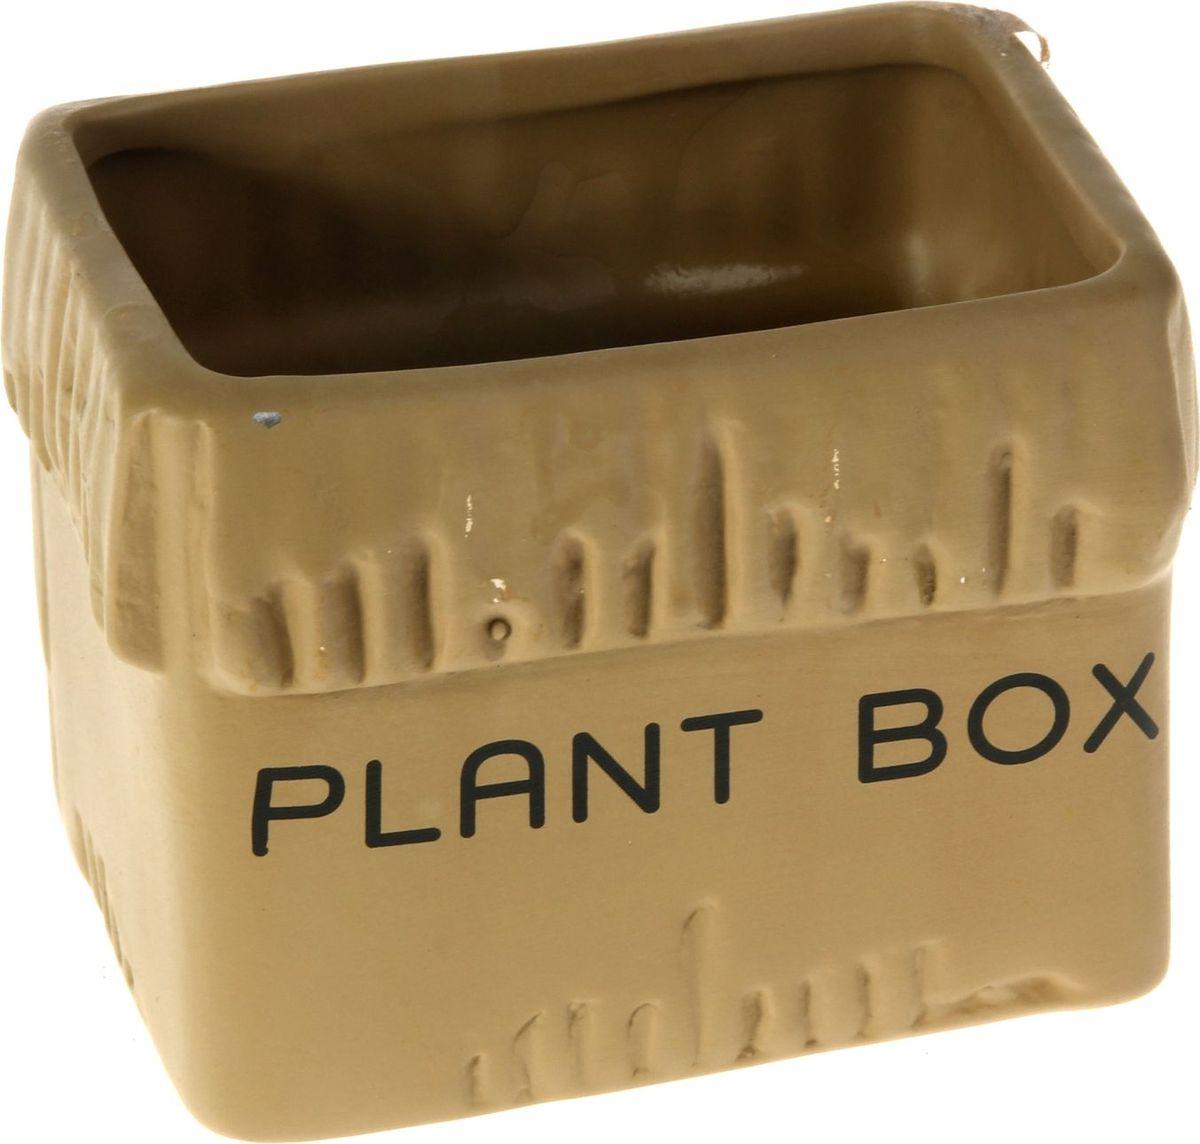 Кашпо Картонная коробка, цвет: коричневый, 8 х 11 х 8 см829927Комнатные растения — всеобщие любимцы. Они радуют глаз, насыщают помещение кислородом и украшают пространство. Каждому из них необходим свой удобный и красивый дом. Кашпо из керамики прекрасно подходят для высадки растений: за счёт пластичности глины и разных способов обработки существует великое множество форм и дизайновпористый материал позволяет испаряться лишней влагевоздух, необходимый для дыхания корней, проникает сквозь керамические стенки! #name# позаботится о зелёном питомце, освежит интерьер и подчеркнёт его стиль.